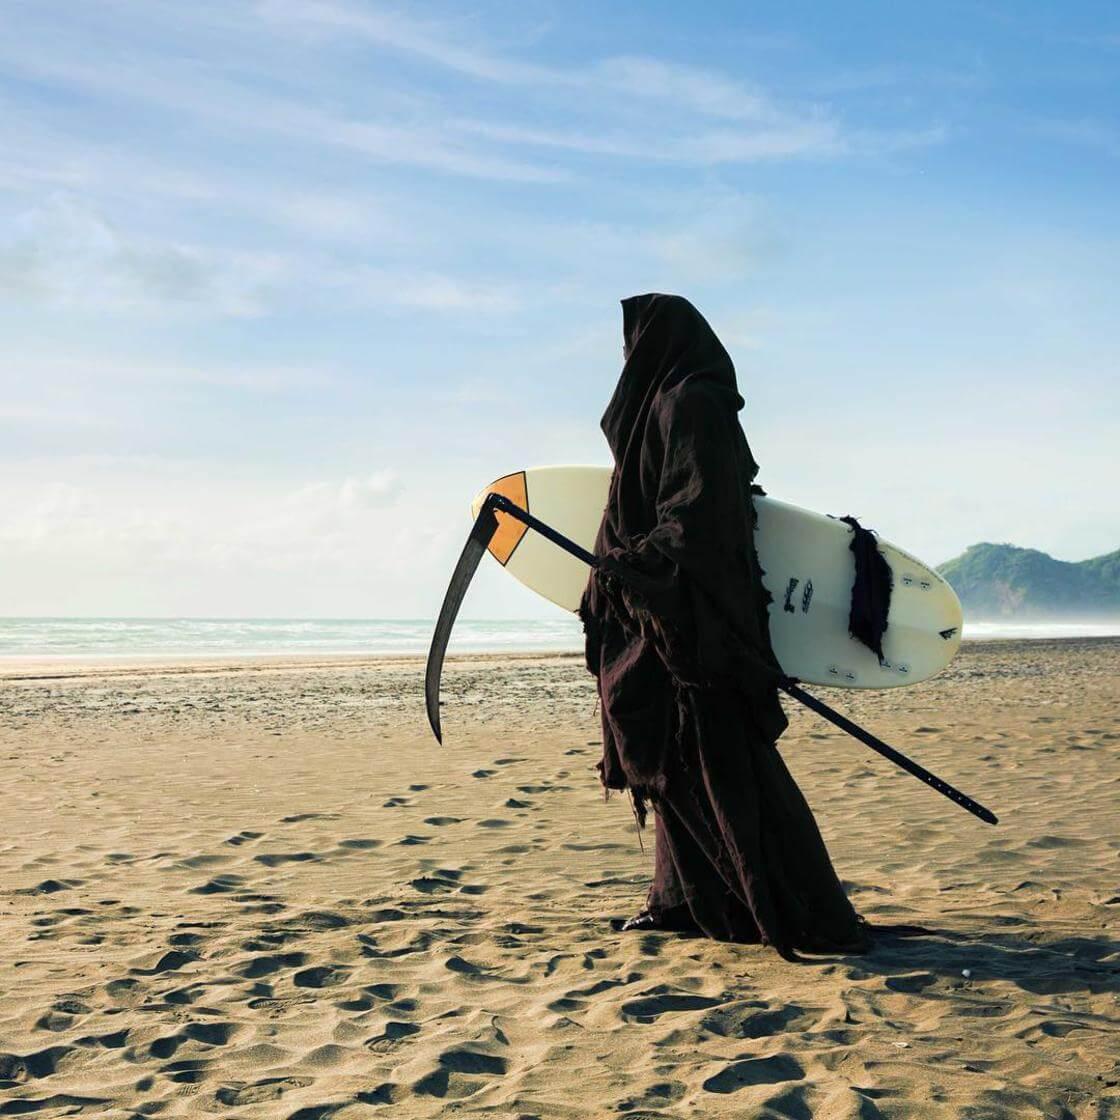 the-swim-reaper-instagram-1.jpg